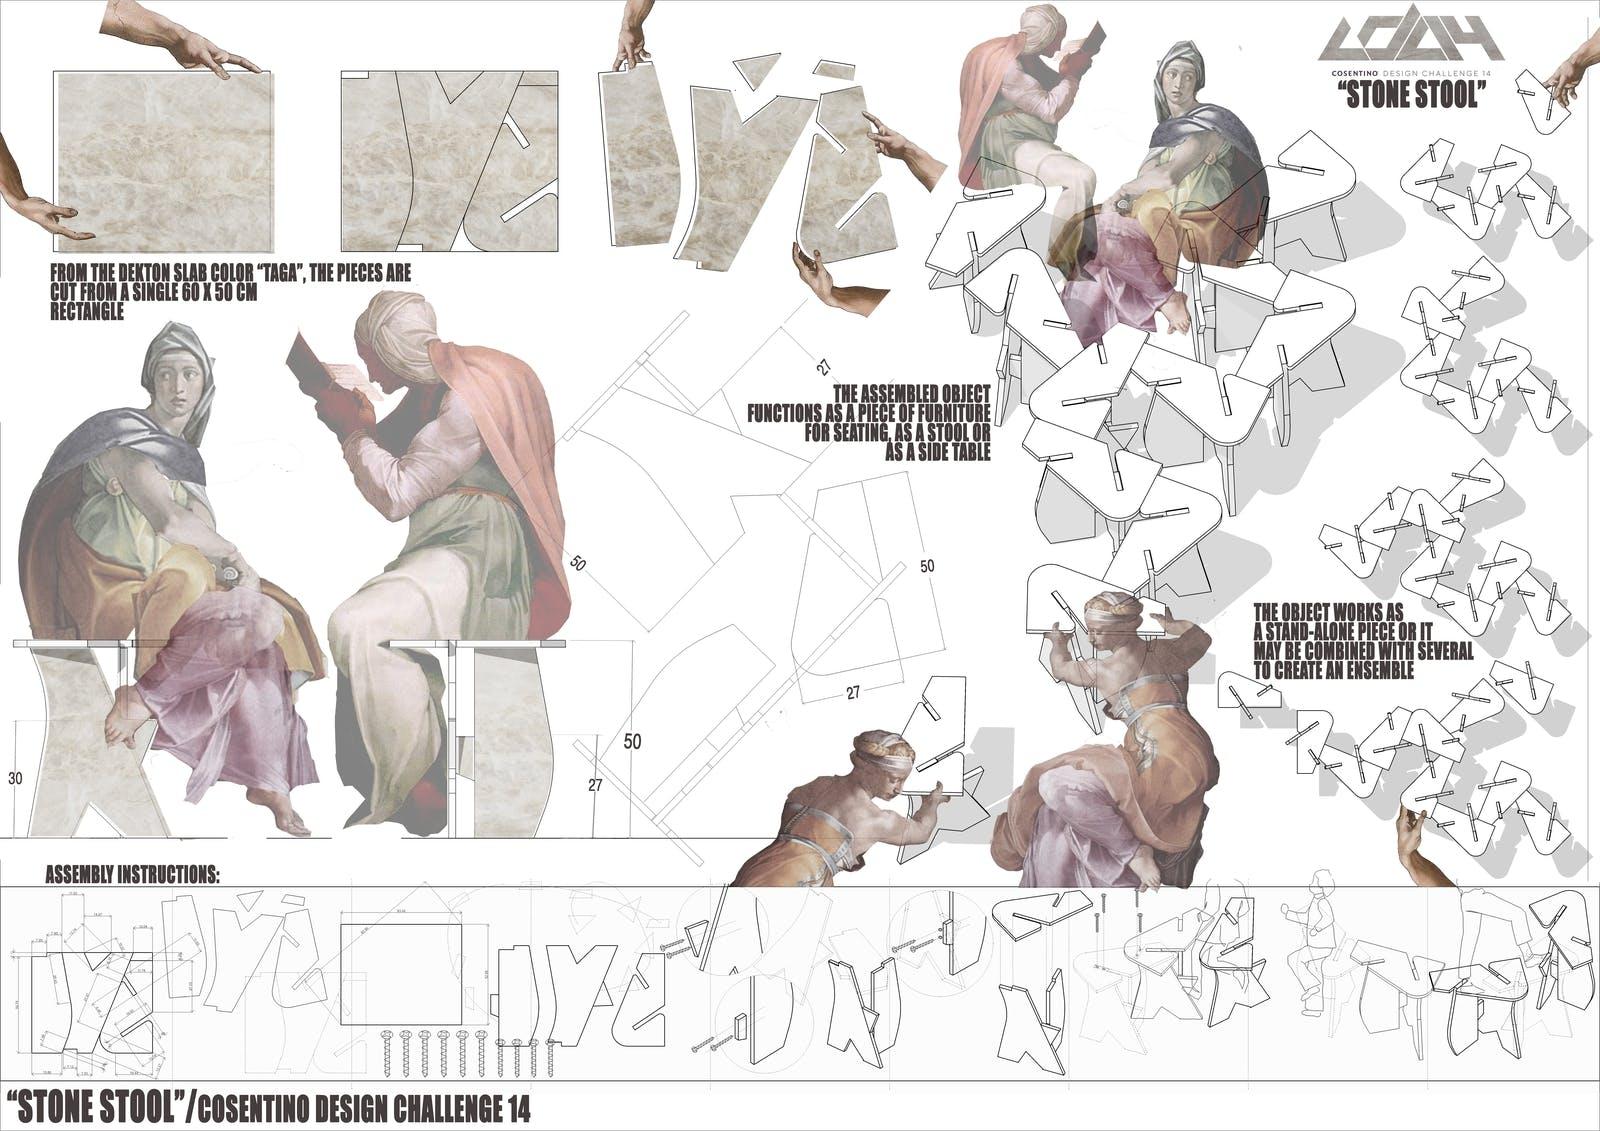 Image of 054 STONE STOOL s in Cosentino Design Challenge 14 winners - Cosentino